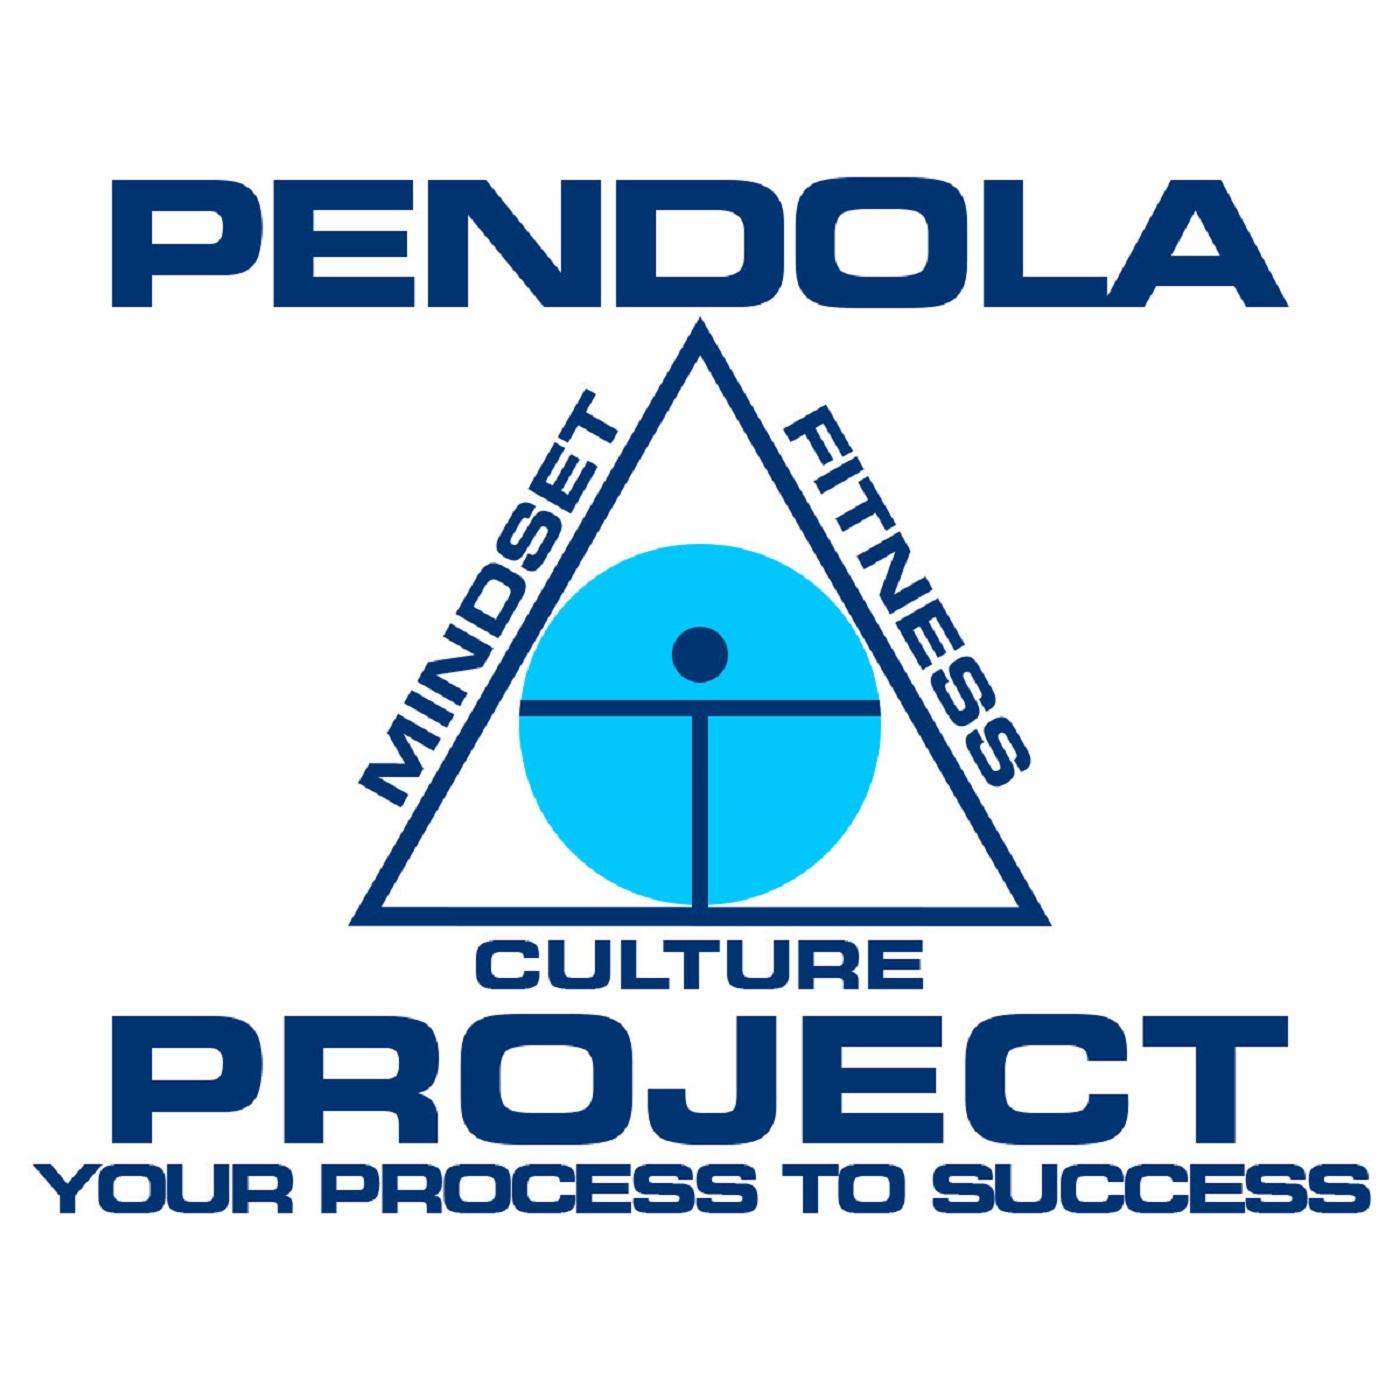 The Pendola Project